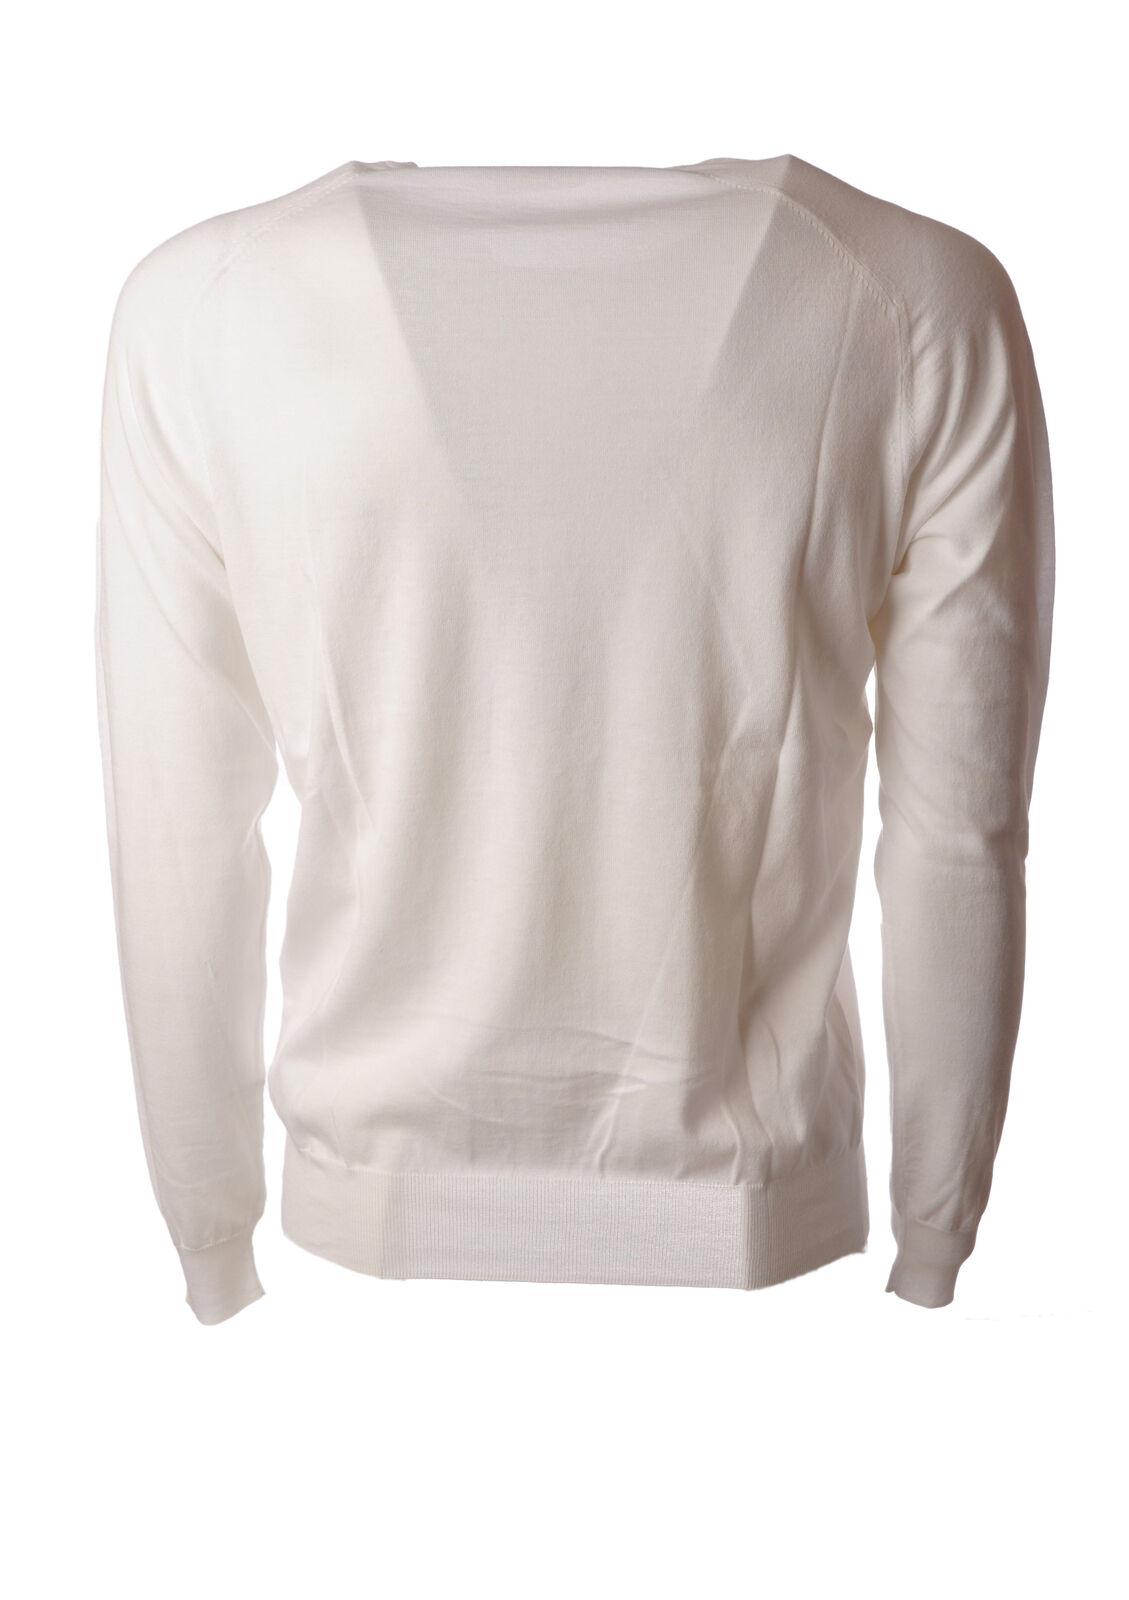 Paolo Pecora - Knitwear-Sweaters Man - Man Knitwear-Sweaters - bianca - 5041411D184221 9c3881